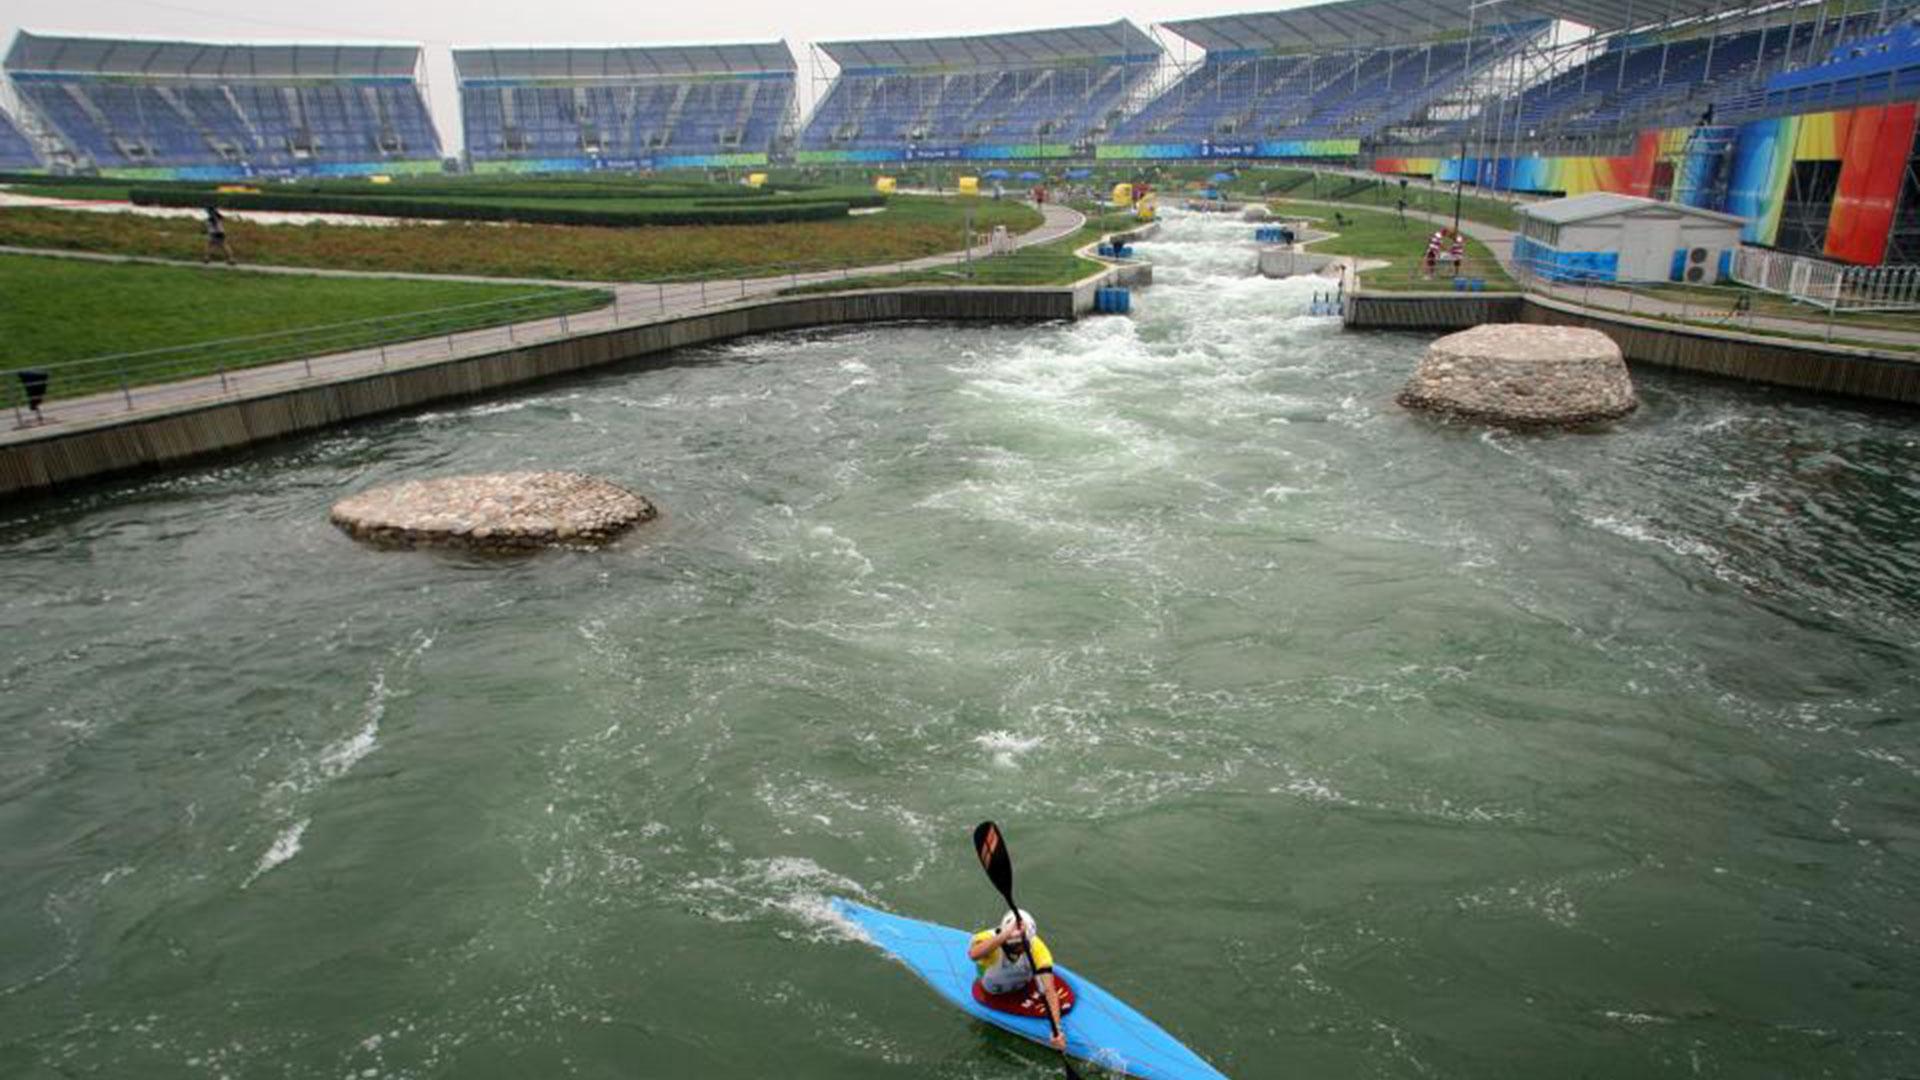 Han pasado 10 años de los Jugeos Olímpicos de Beijing 2008